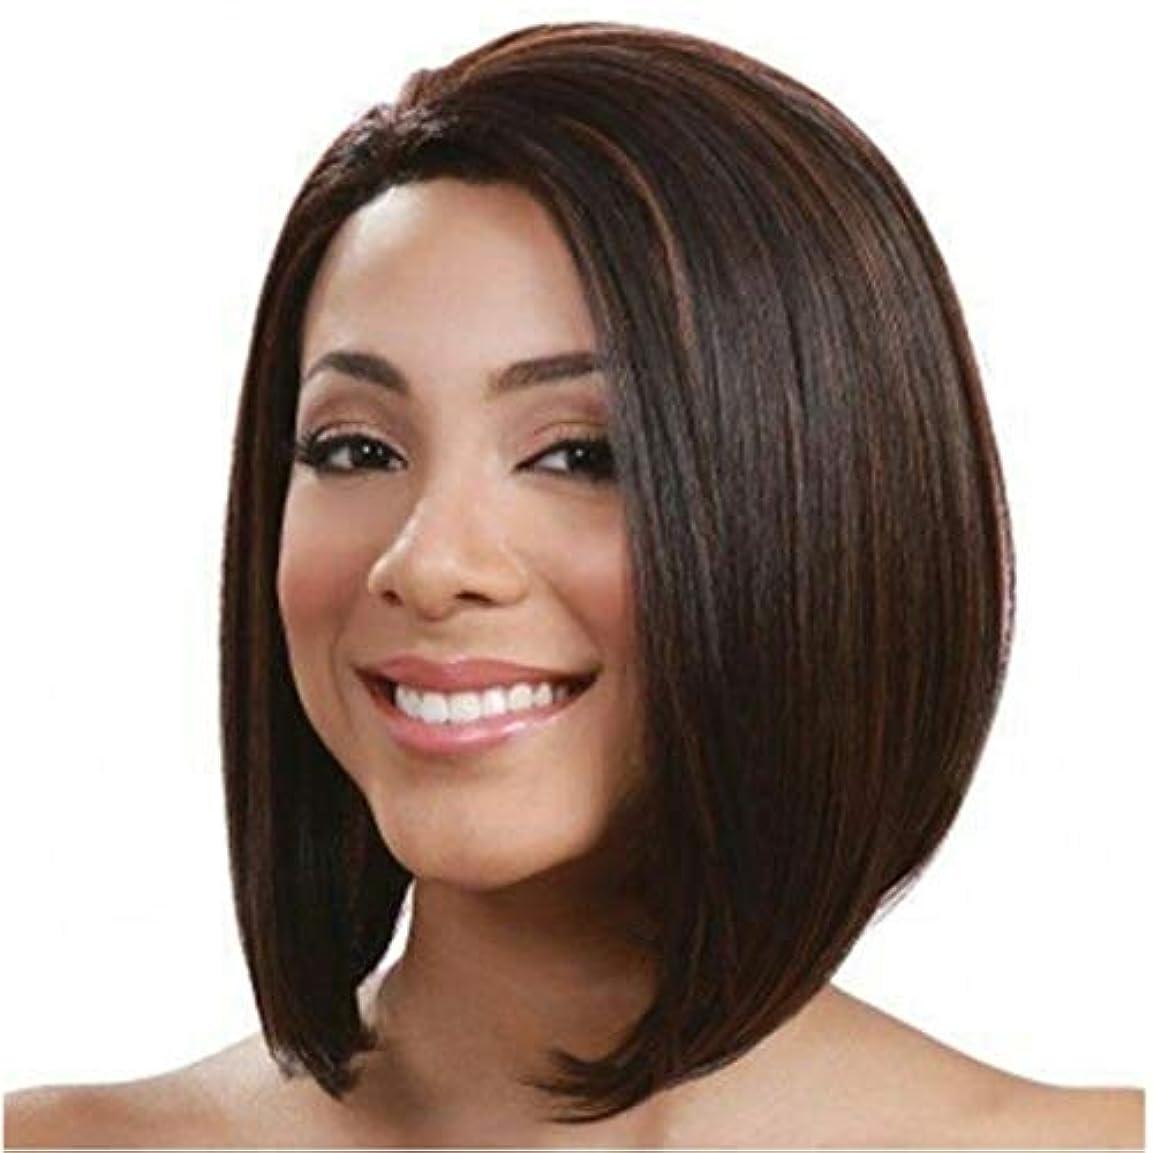 ステップいつでも策定するSummerys 前髪合成耐熱性女性のヘアスタイルと短いふわふわボブ変態ストレートヘアウィッグ (Color : Navy brown)